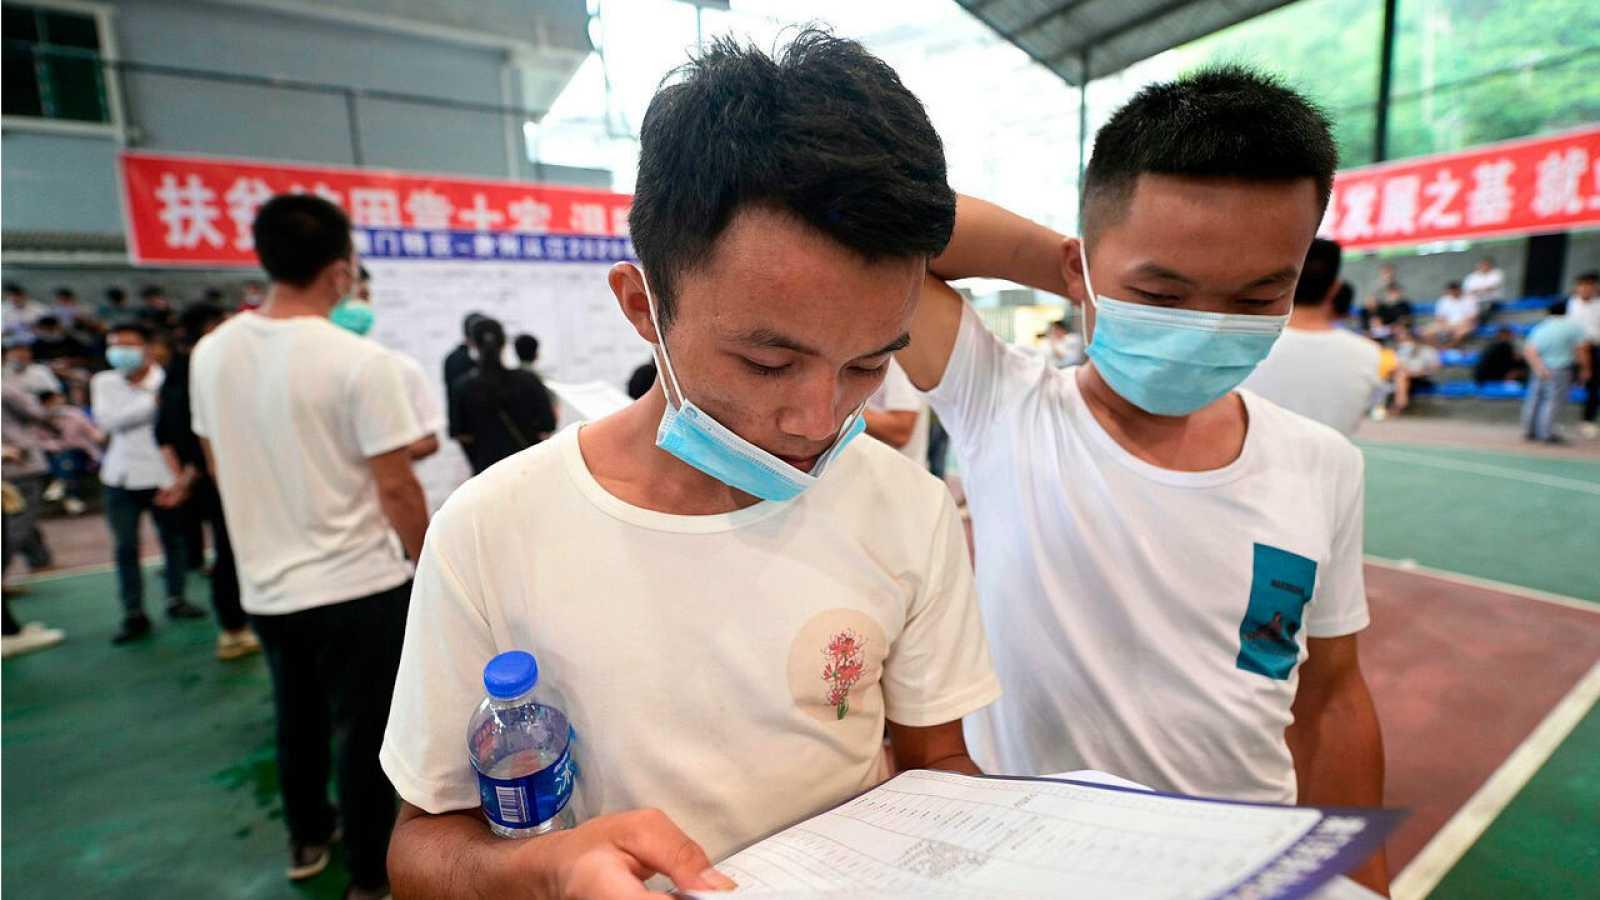 Personas llenando formularios en una feria de empleo en Congjiang, en la provincia de Guizhou, suroeste de China.